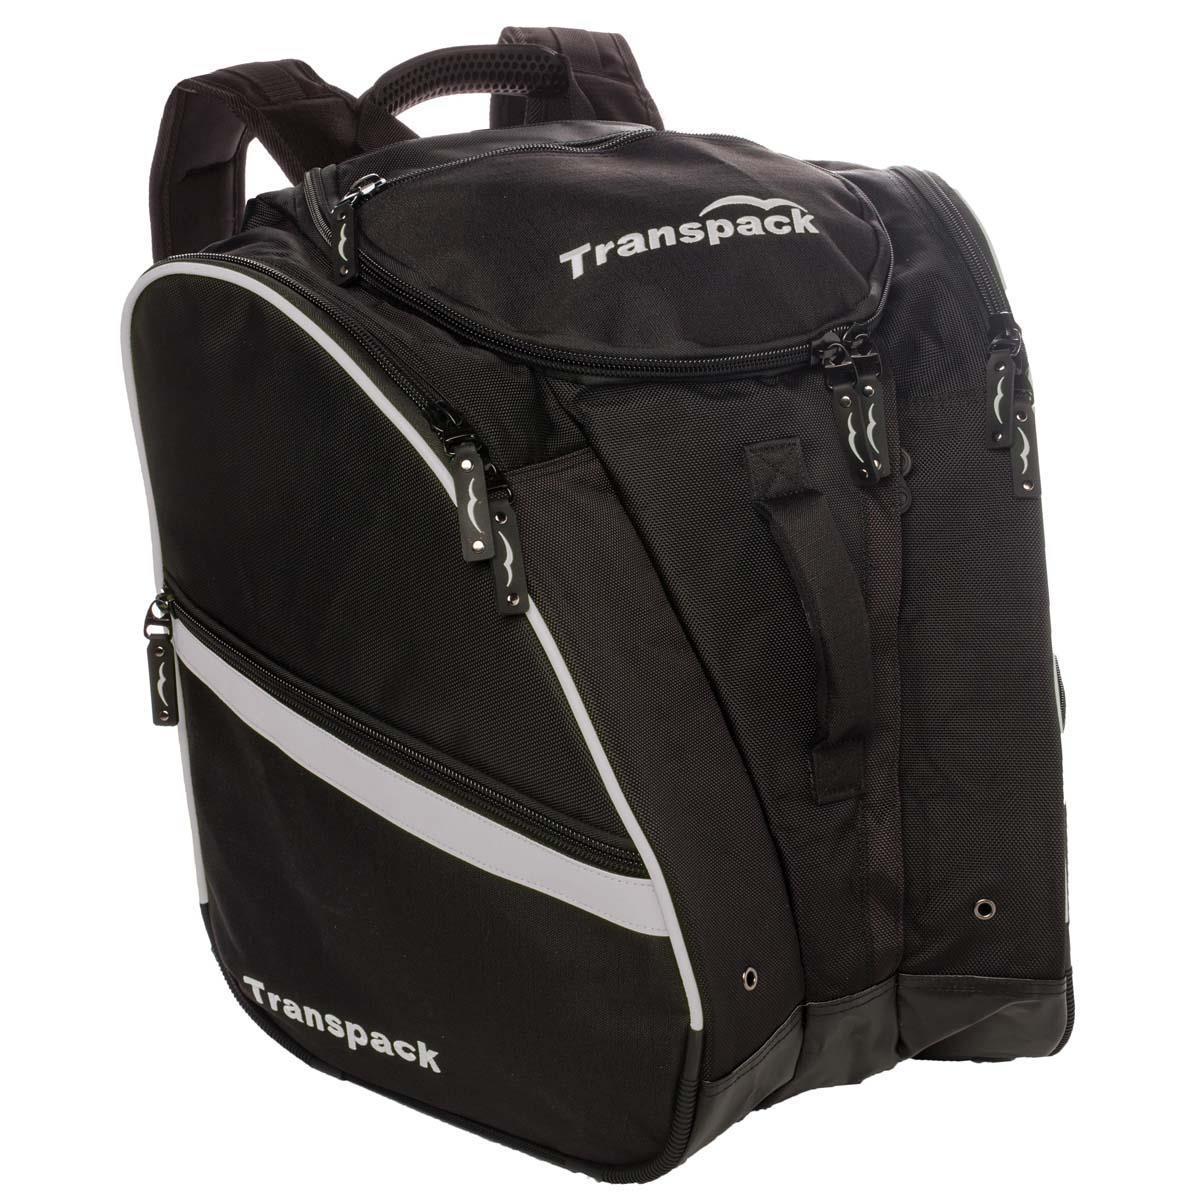 6687ee55a5 Transpack TRV PRO Boot Bag. Loading zoom